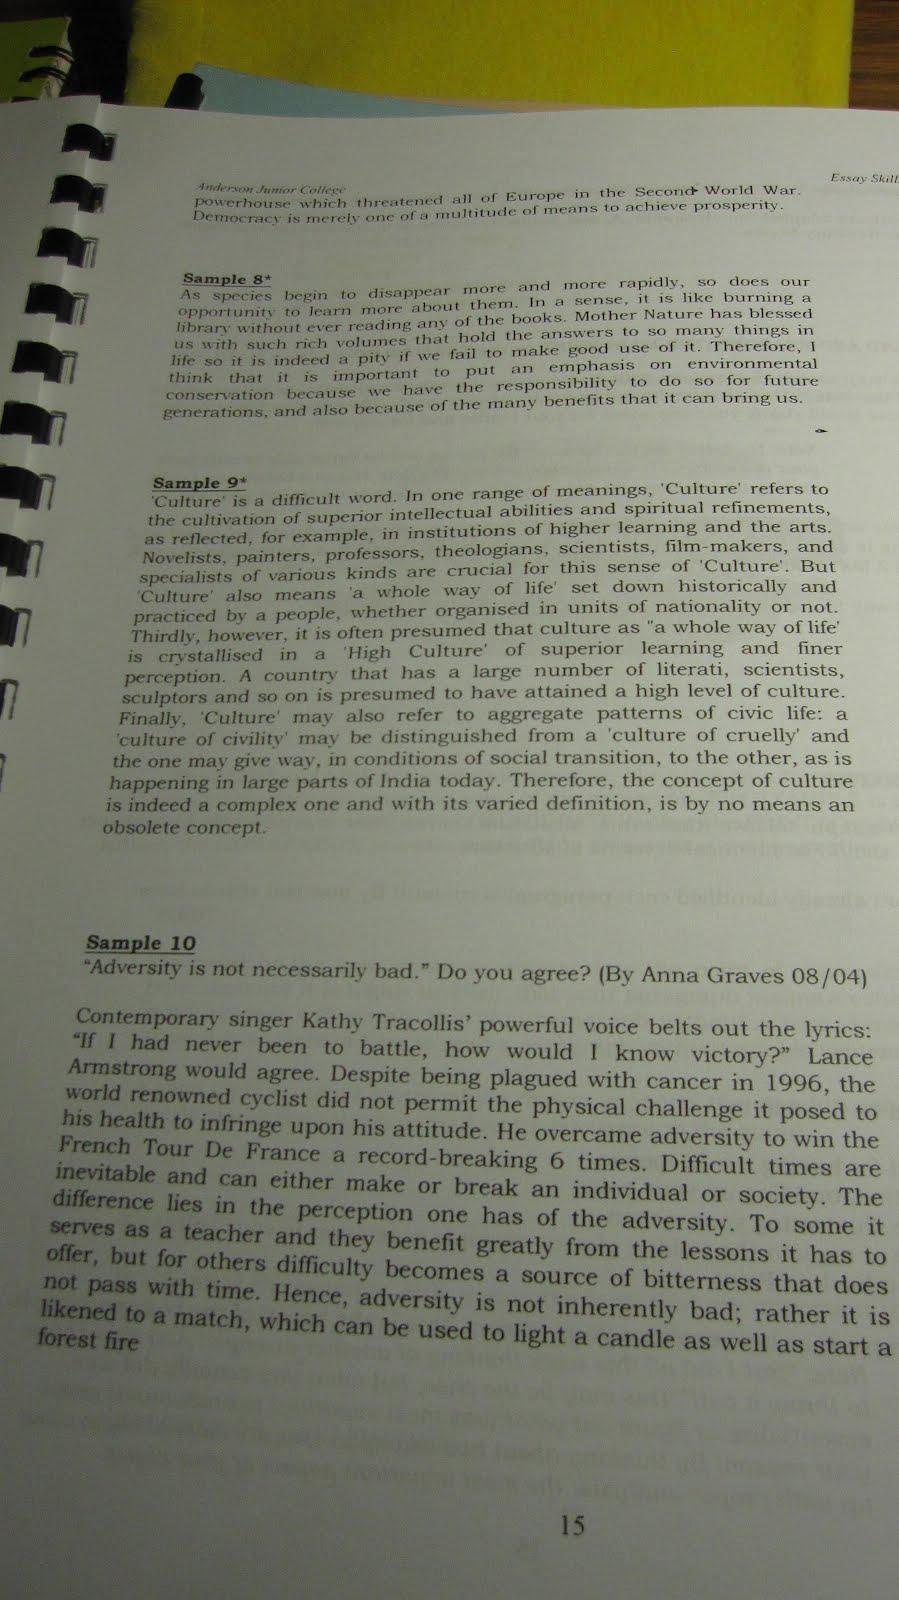 2010 gp essay questions 91 121 113 106 essay questions general paper 2010 gp essay questions